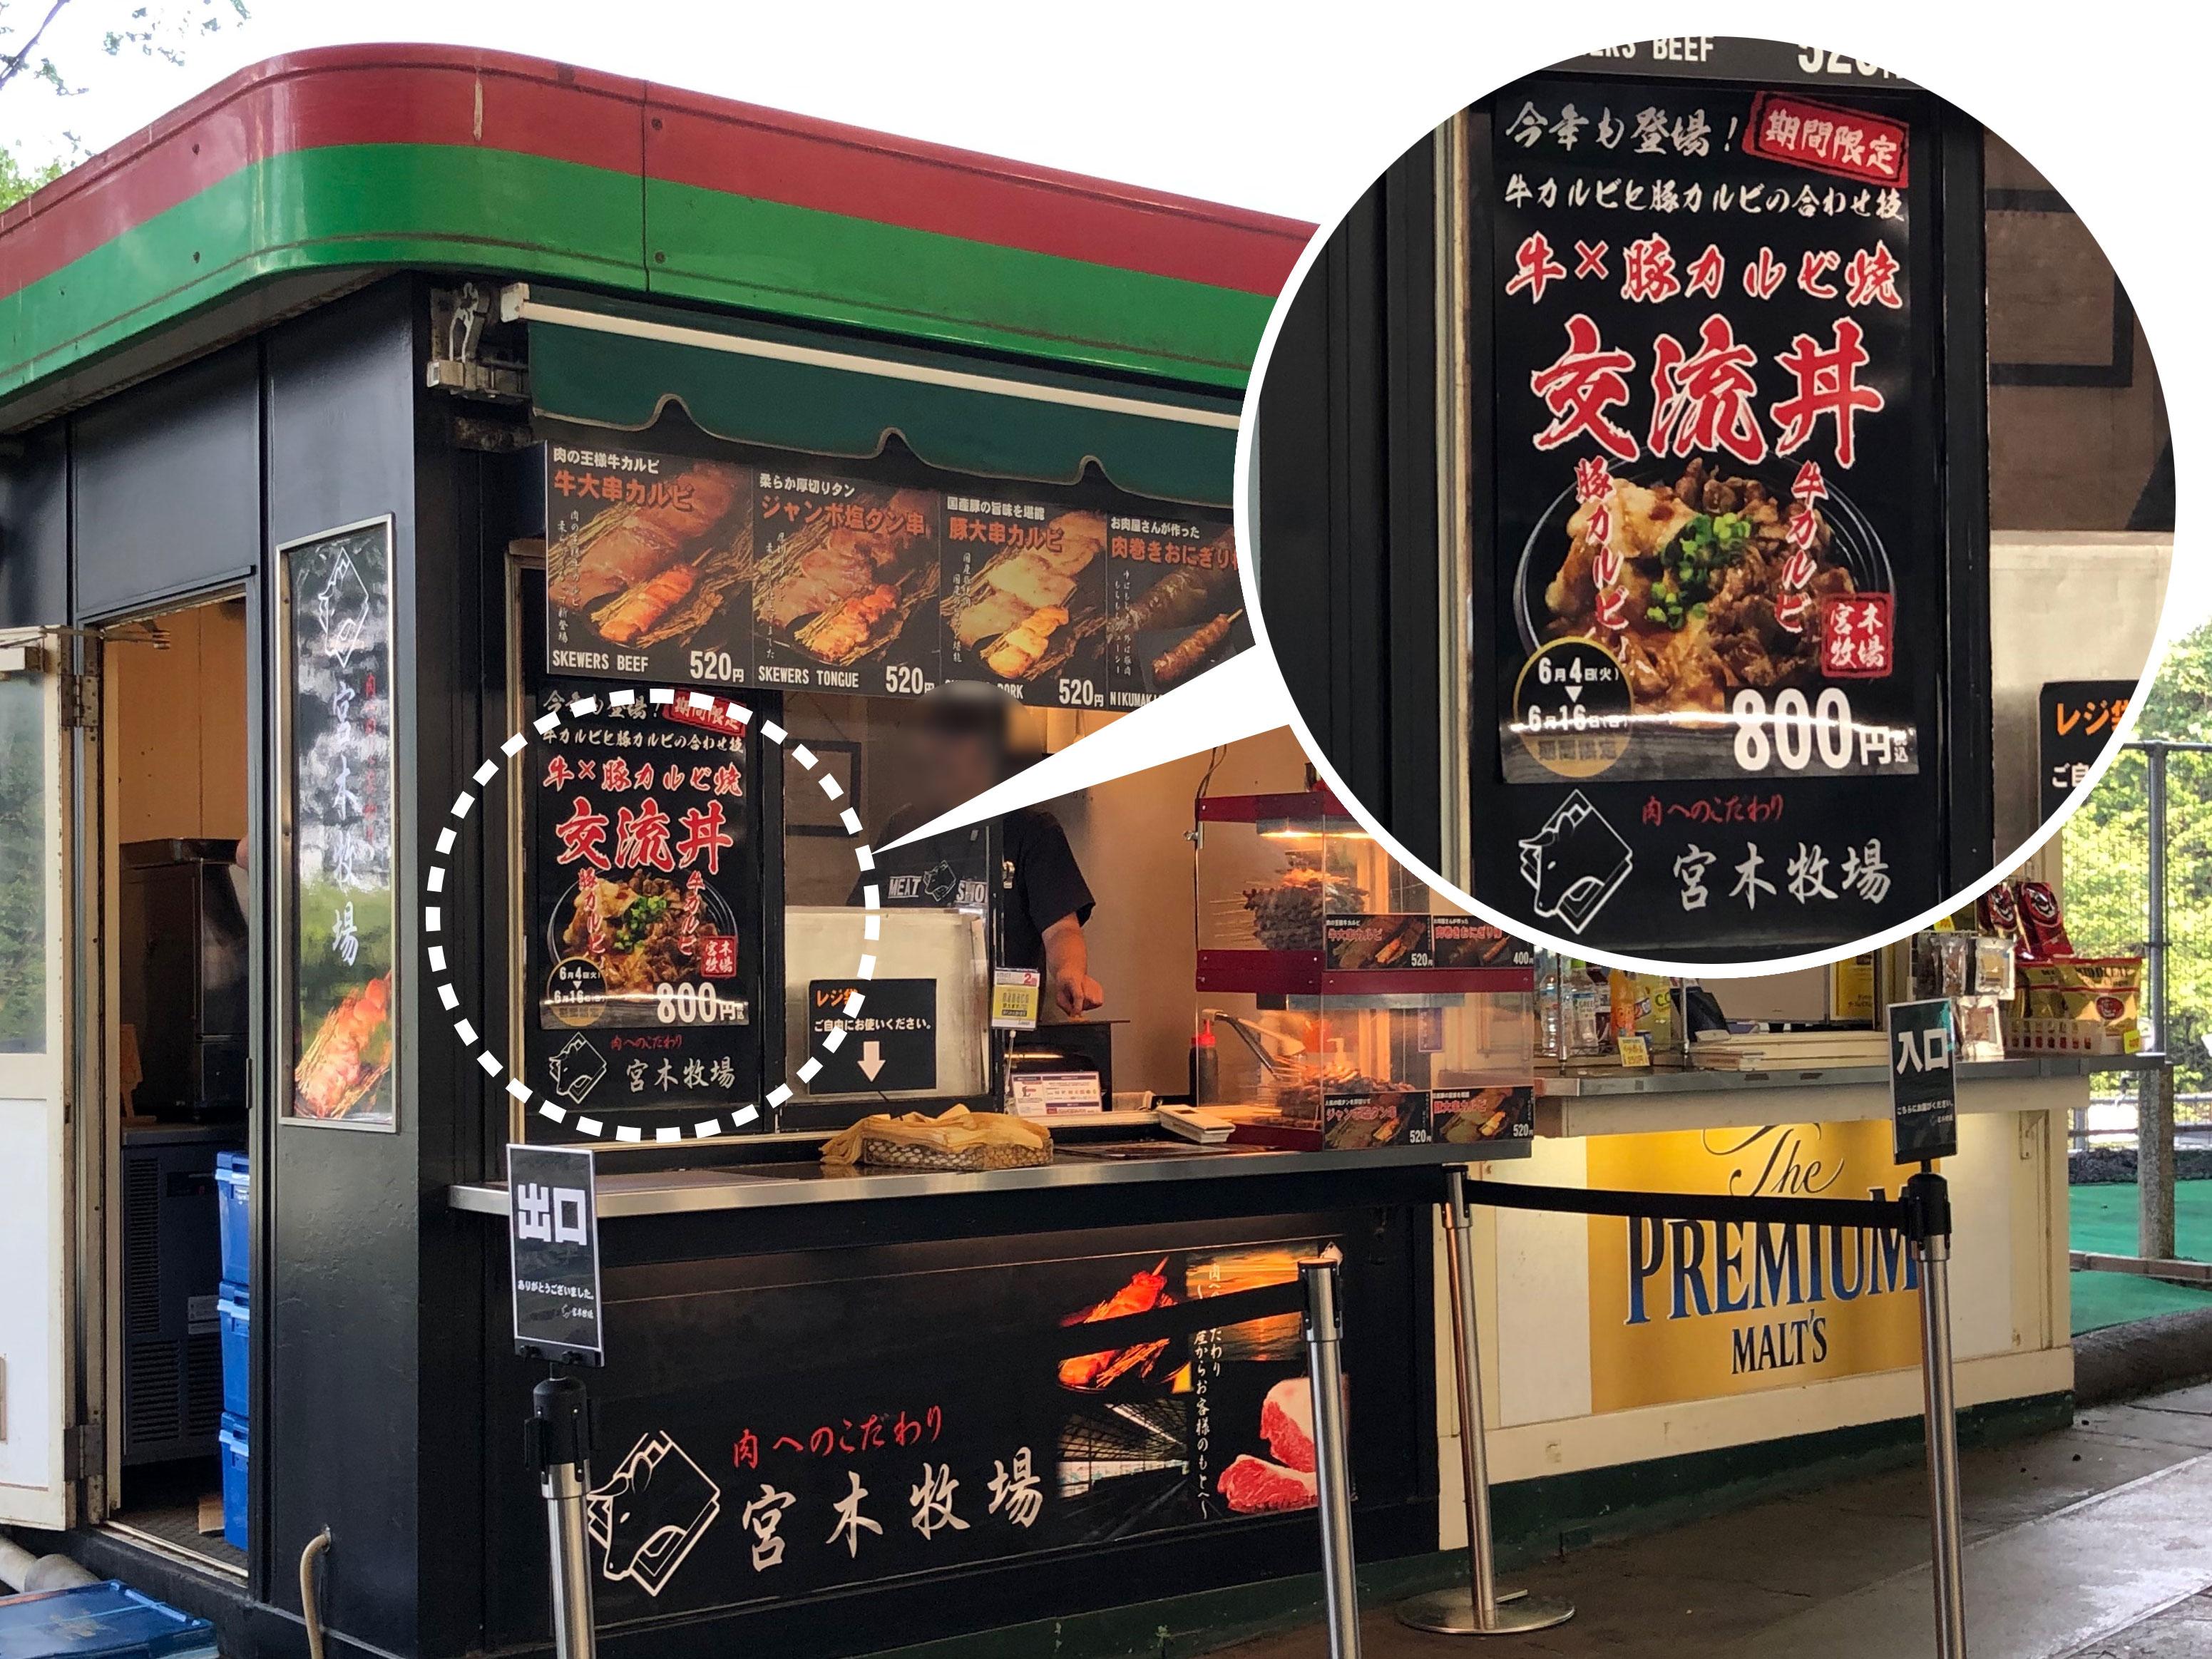 肉専門店「宮木牧場」の外観写真